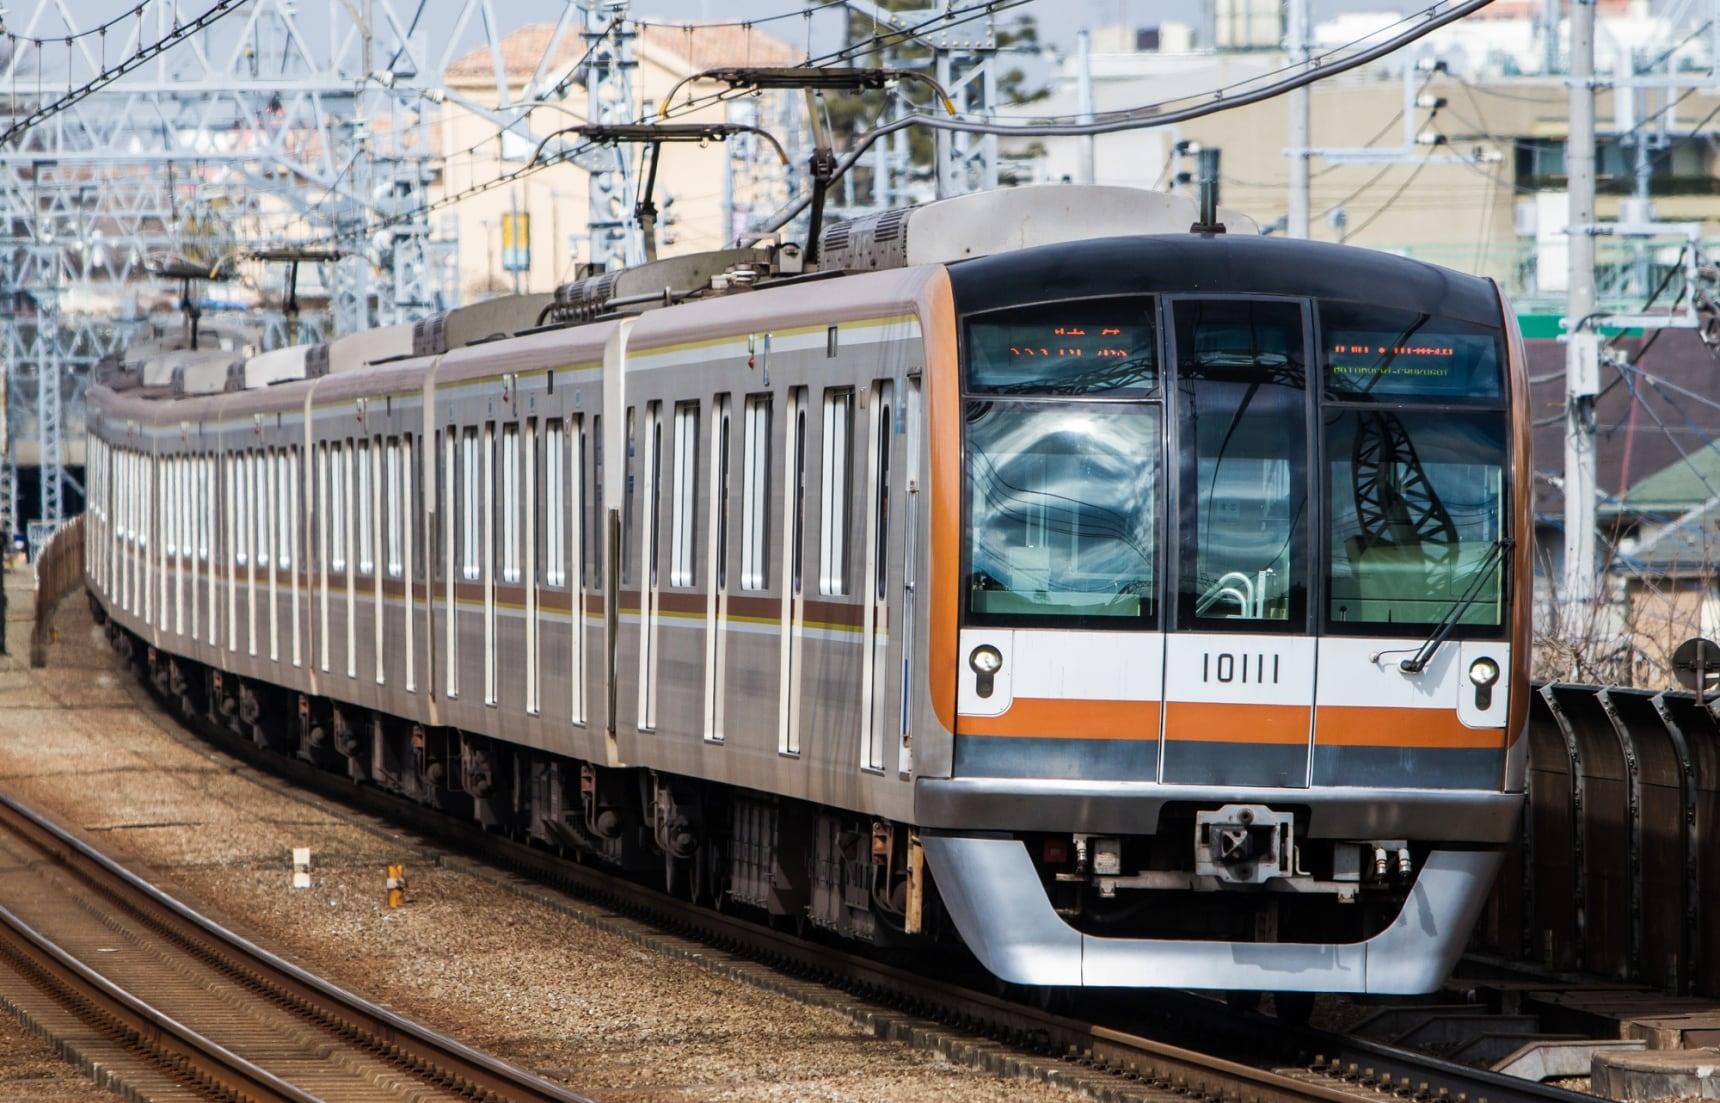 ลุยที่เที่ยวติดรถไฟสาย Fukutoshin